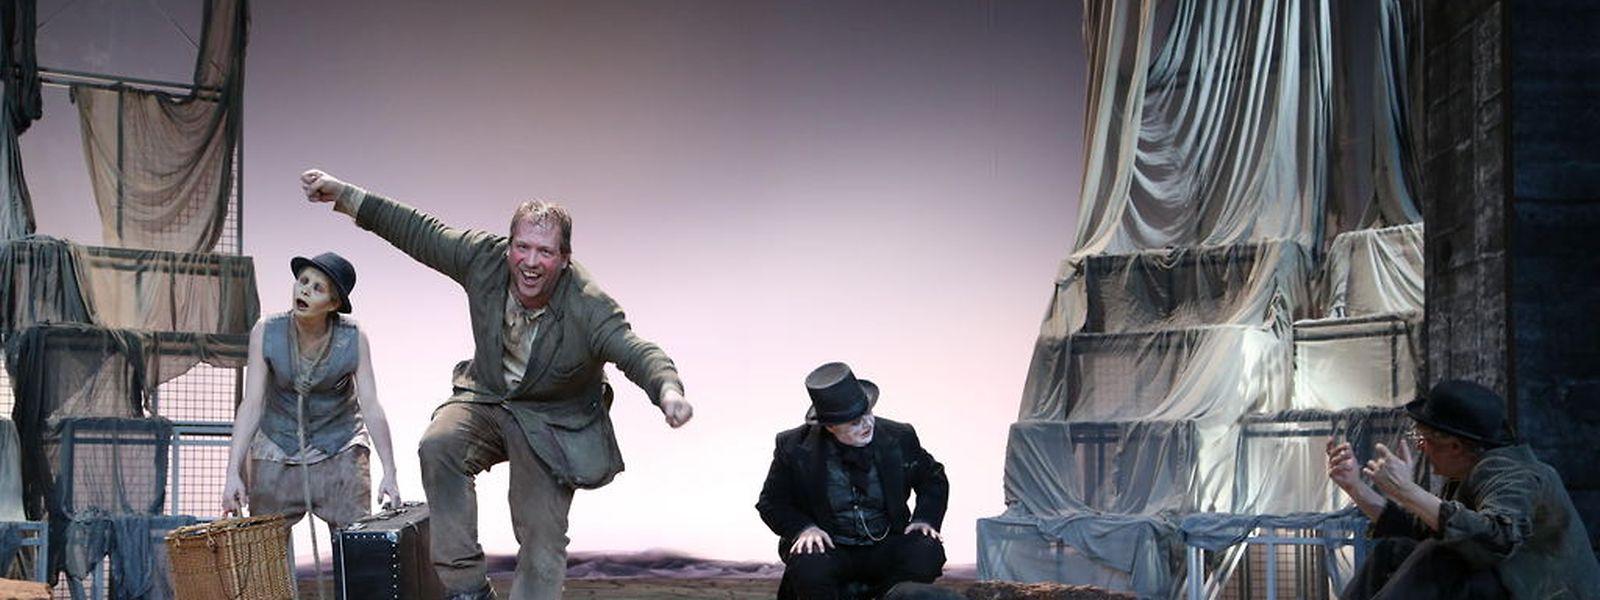 Untergangsstimmung? Von wegen! Jules Werner und Co. spielen mit viel Humor.